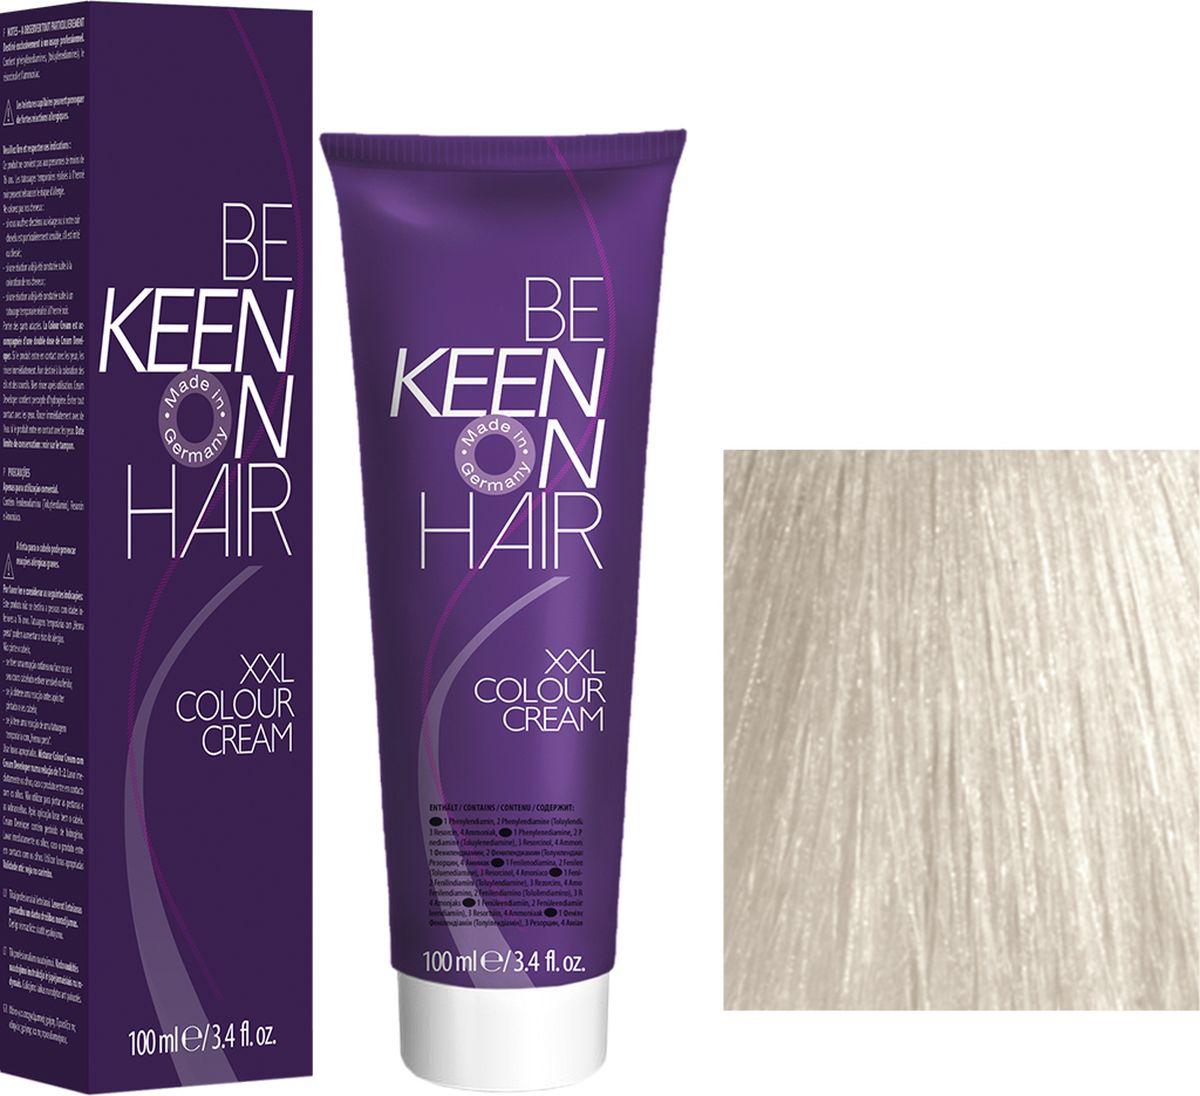 Keen Краска для волос 12.10 Платиново-пепельный блондин Platinblond Asch, 100 мл69100104Модные оттенкиБолее 100 оттенков для креативной комбинации цветов.ЭкономичностьПри использовании тюбика 100 мл вы получаете оптимальное соотношение цены и качества!УходМолочный белок поддерживает структуру волоса во время окрашивания и придает волосам блеск и шелковистость. Протеины хорошо встраиваются в волосы и снабжают их влагой.